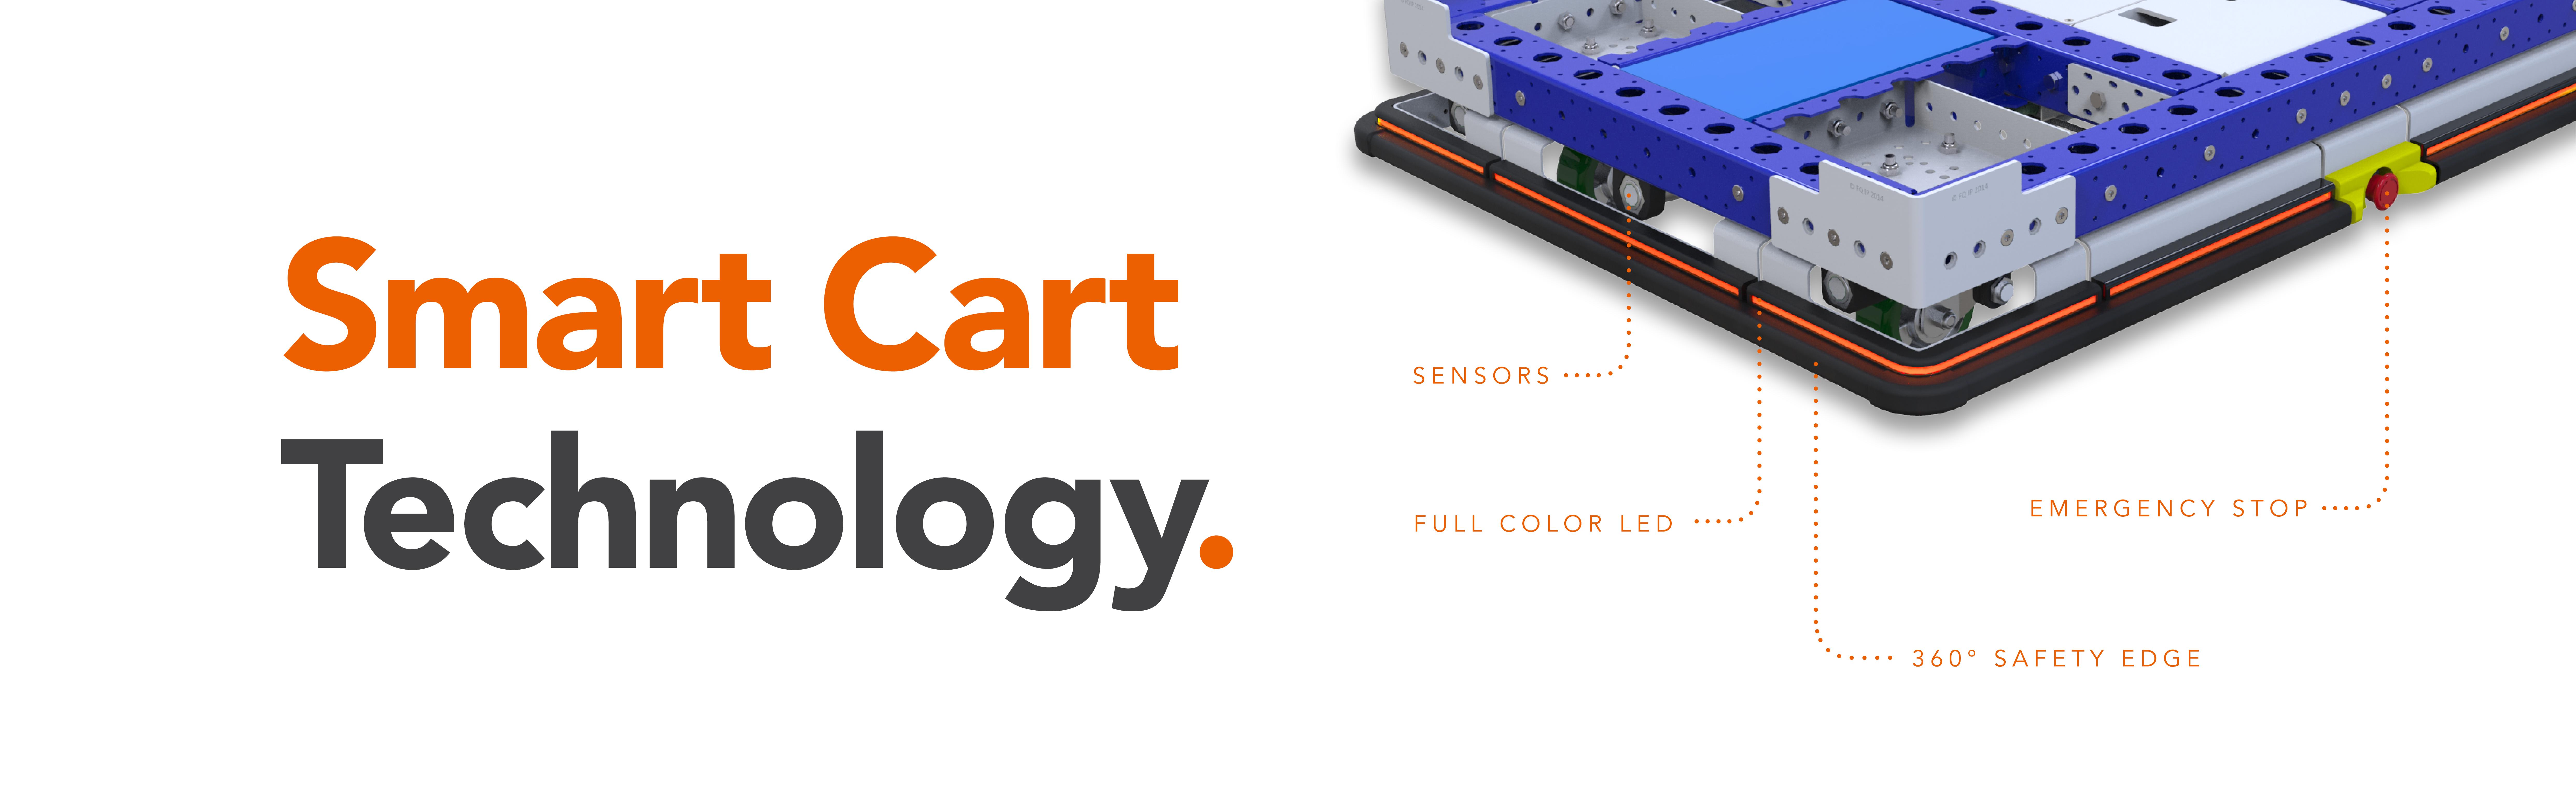 Smart Cart Technology eQart banner